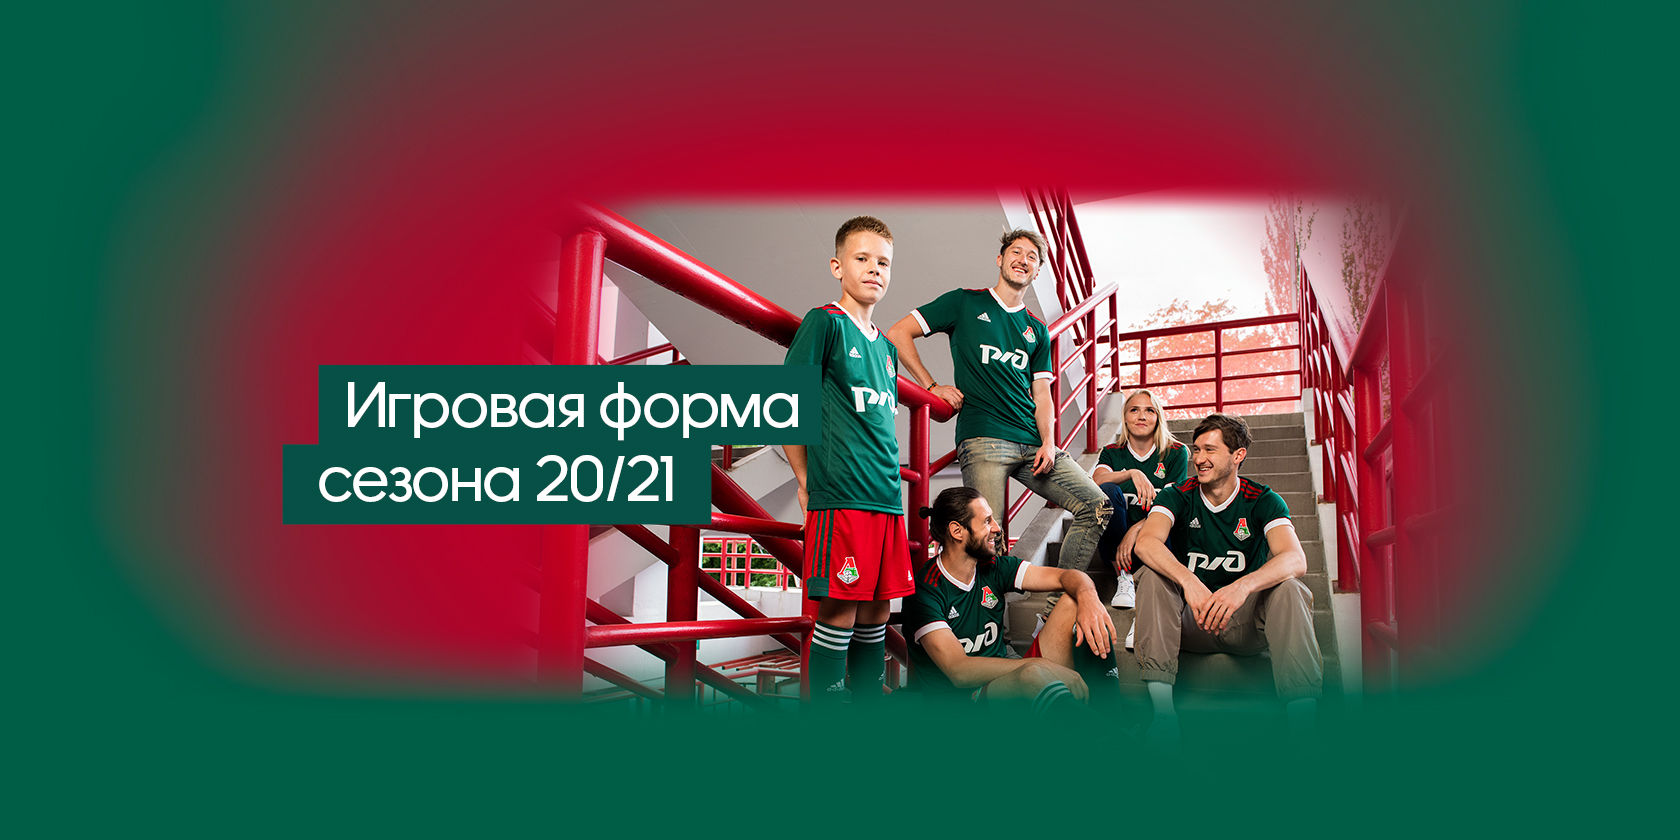 Эгоистка клуб москва официальный сайт музыка ночном клубе